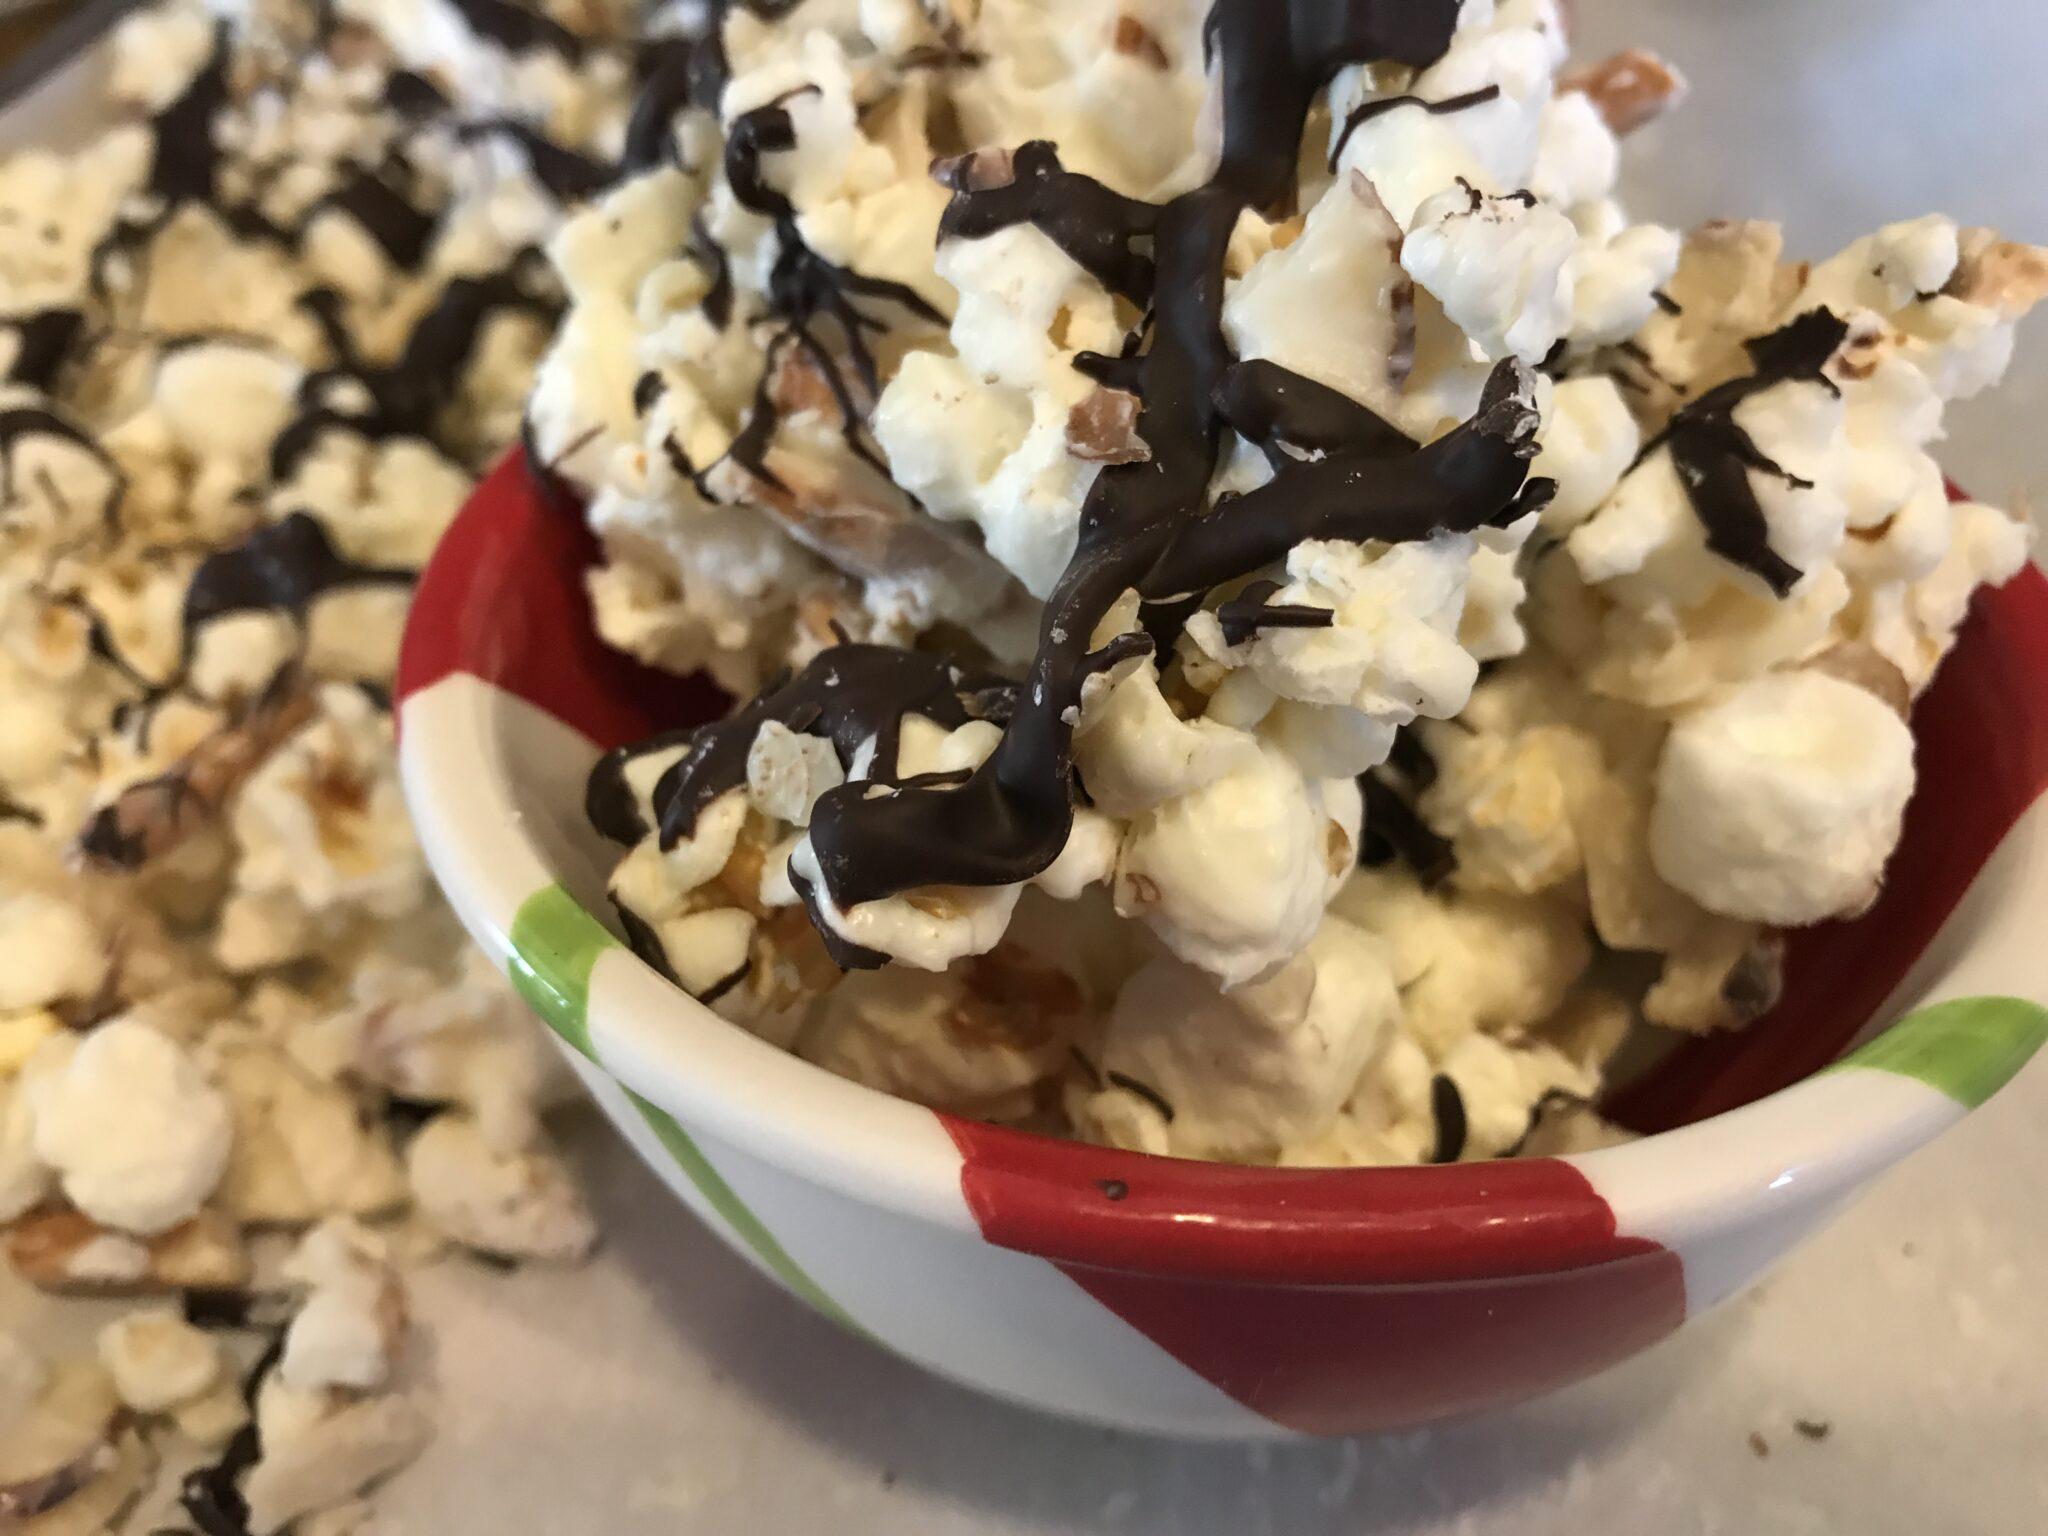 I'll Double It! Chocolate Popcorn Treats